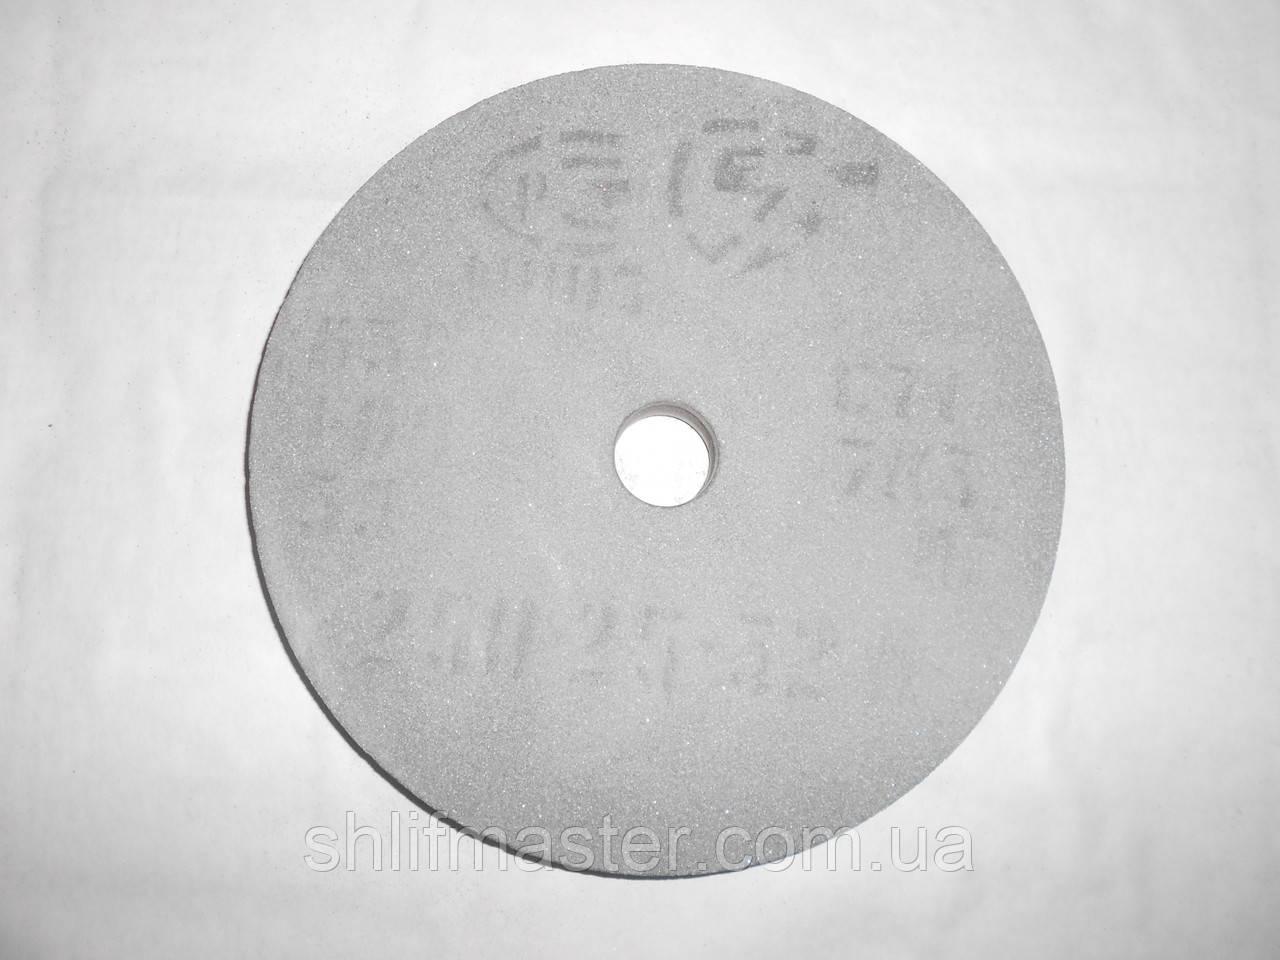 Круг абразивный шлифовальный из карбида кремния 64С (зеленый) 250х25х32 16-40 СМ-СТ